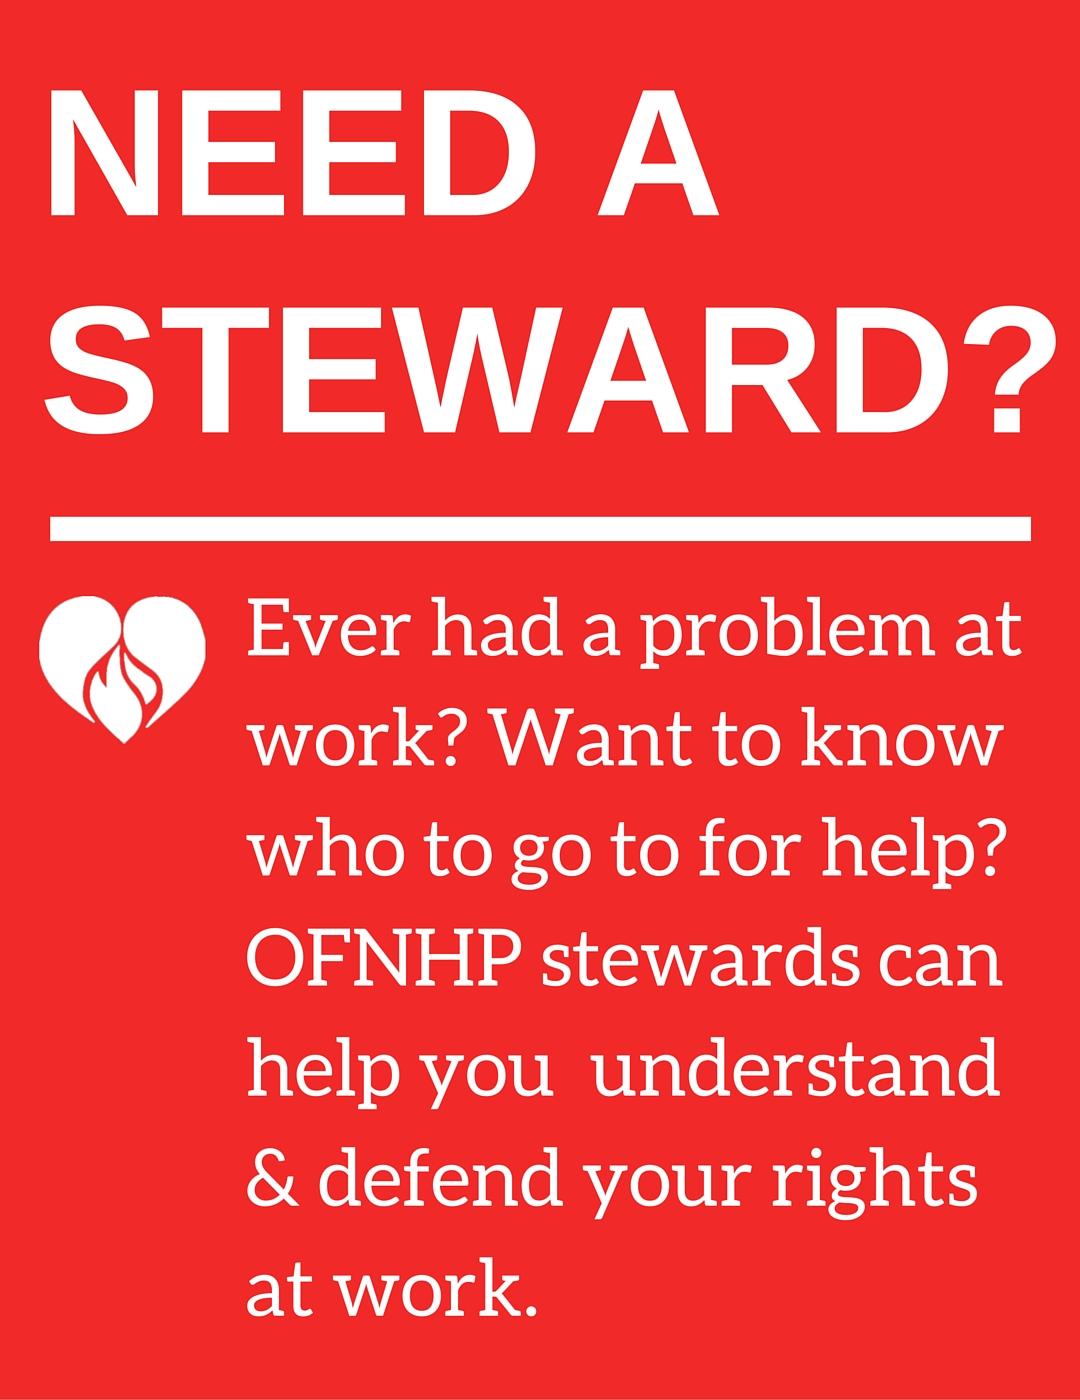 Need a Steward?